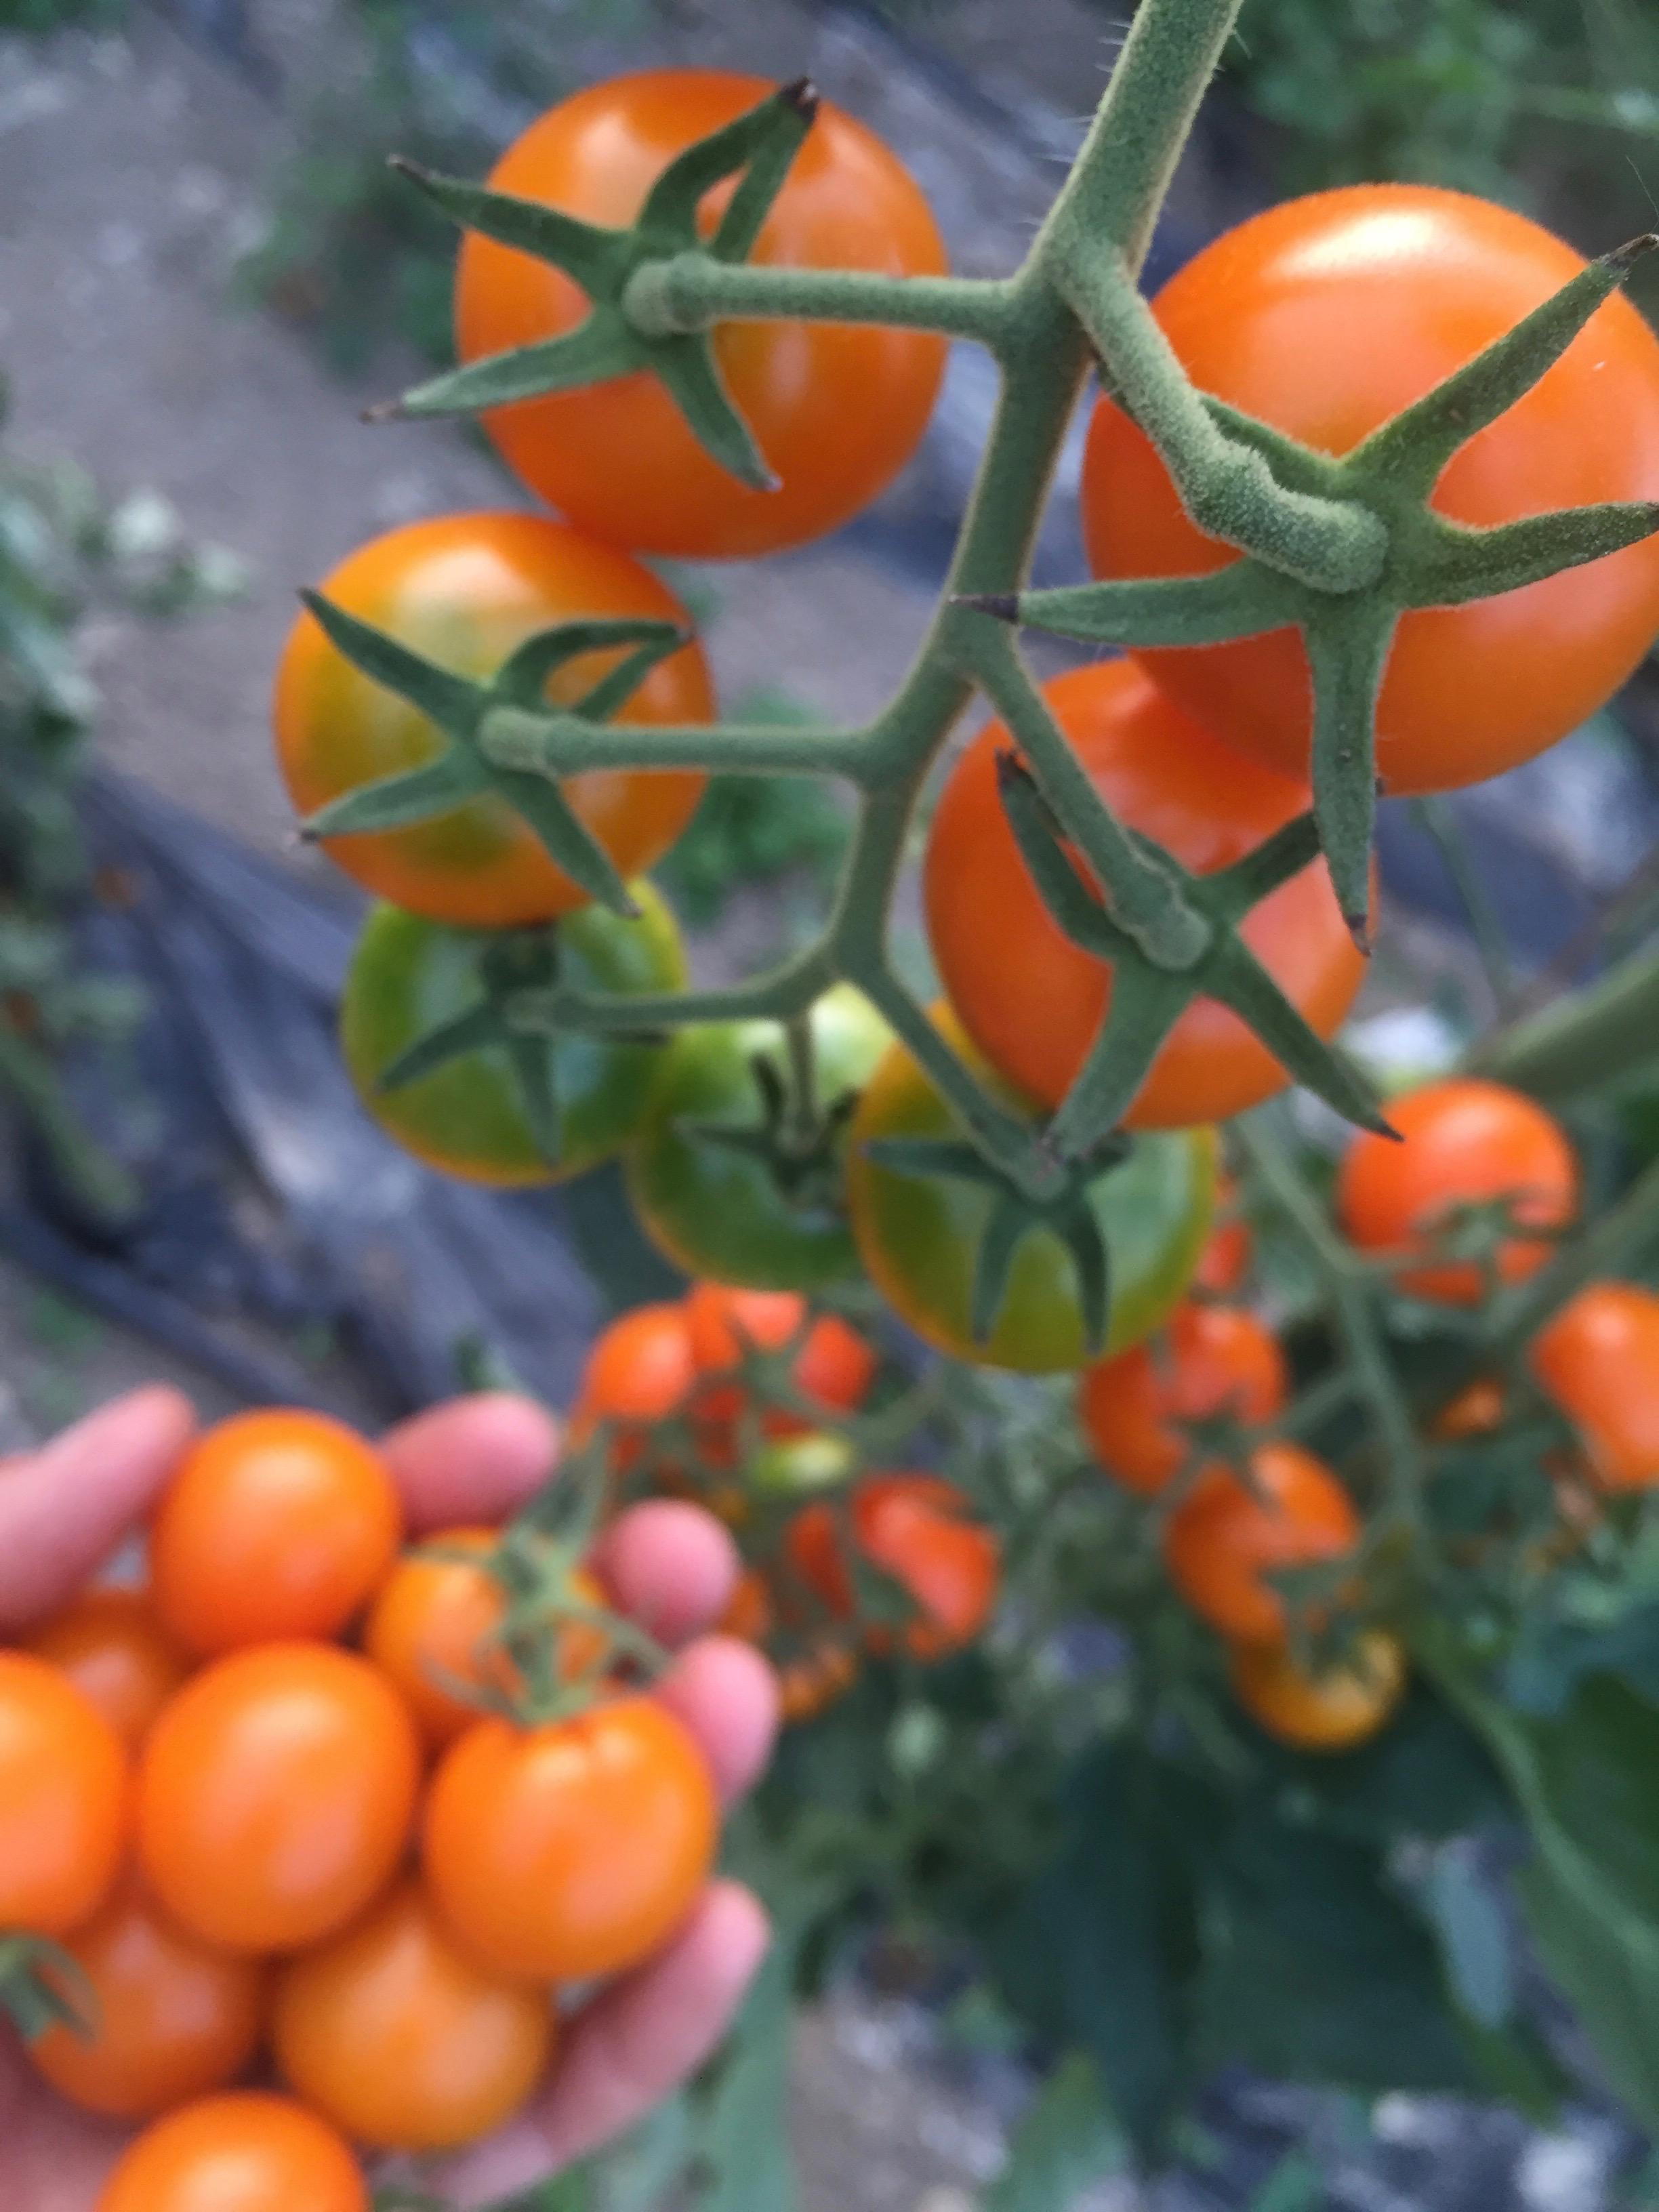 Sungold Cherry Tomato